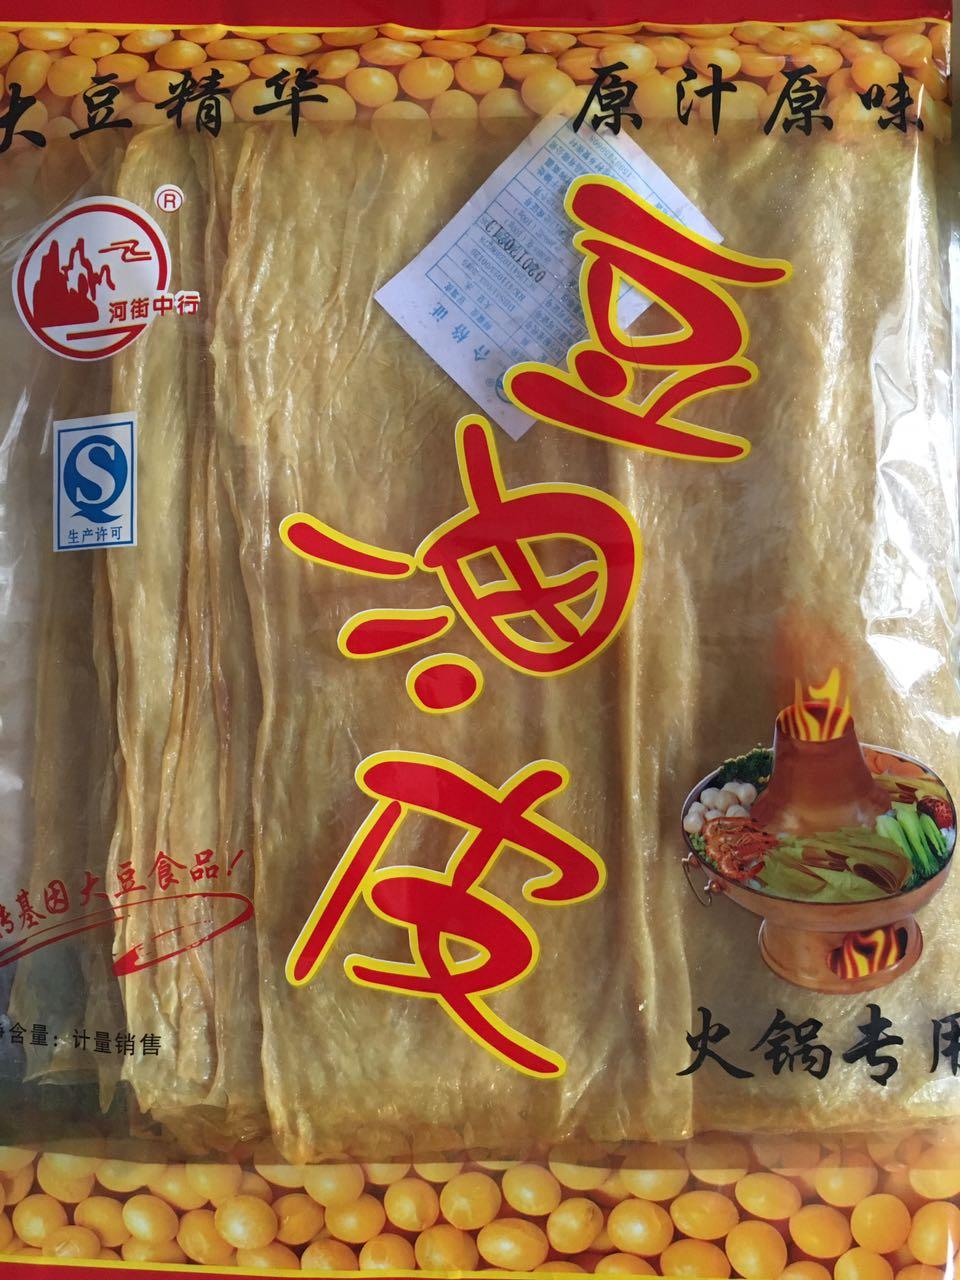 北京豆油皮厂家直销 具有口碑的豆油皮厂家在许昌